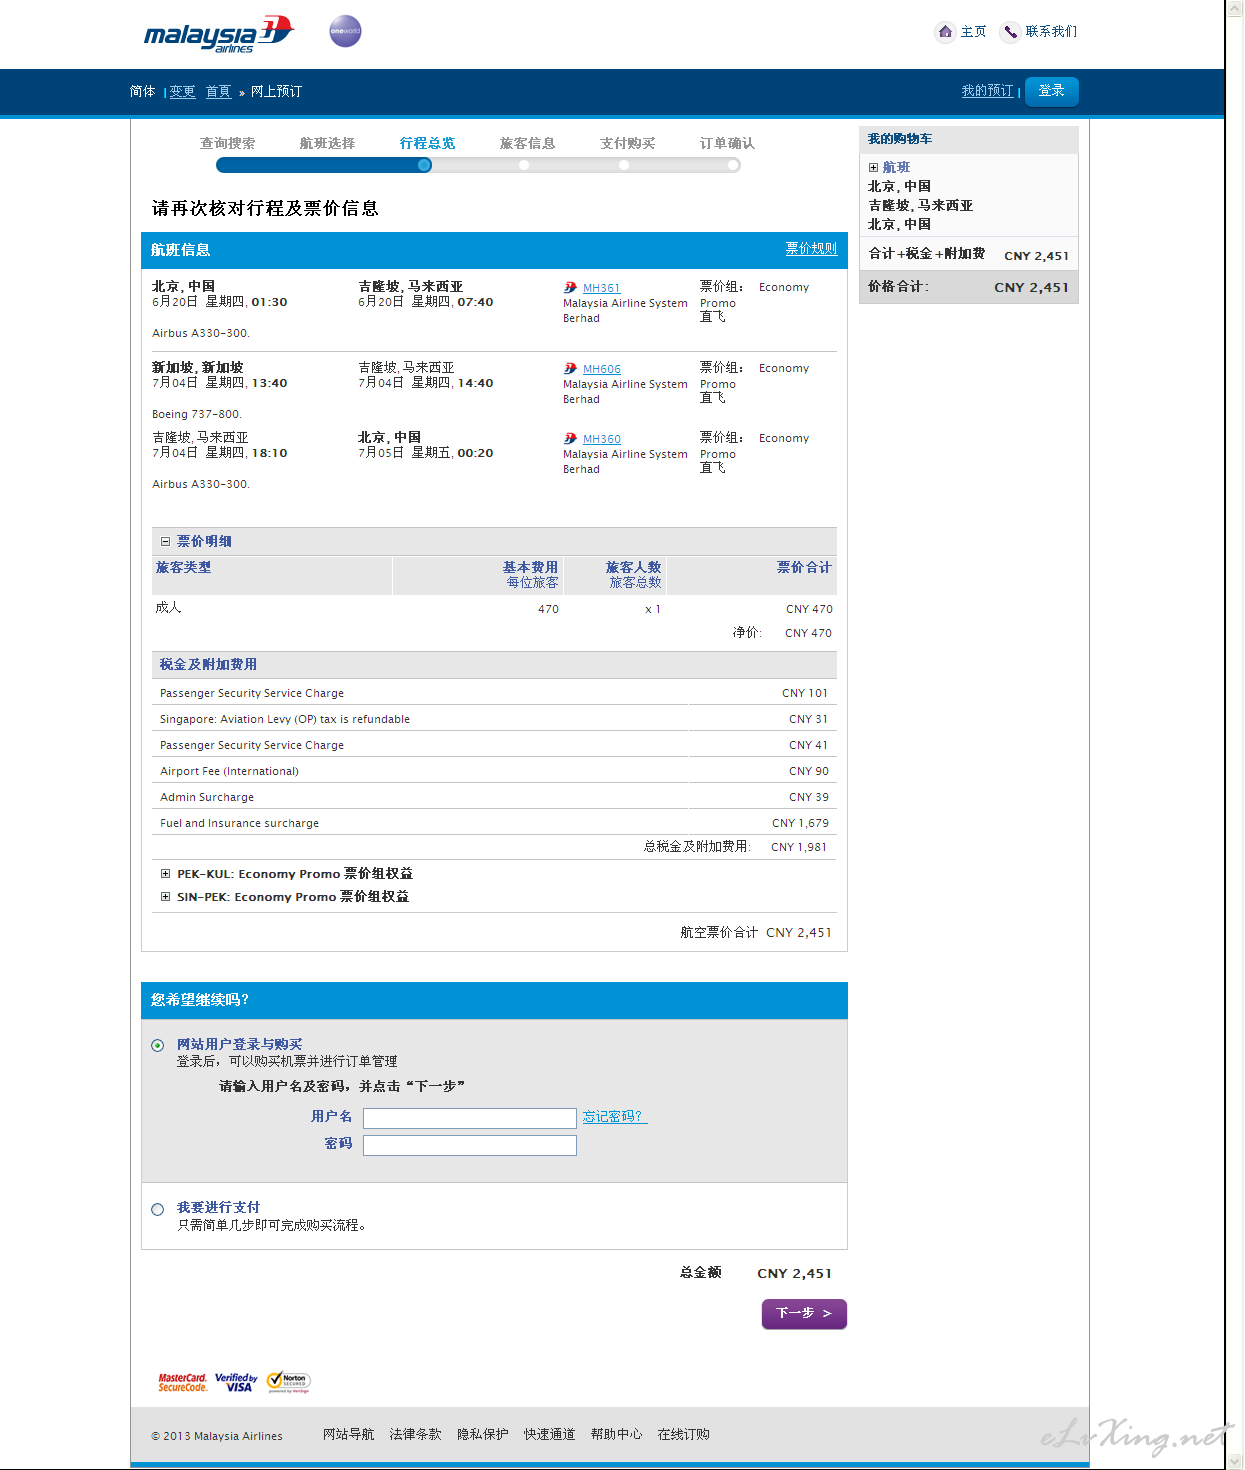 缺口程_上航08年4月K舱来回程缺口程套票调整销售运